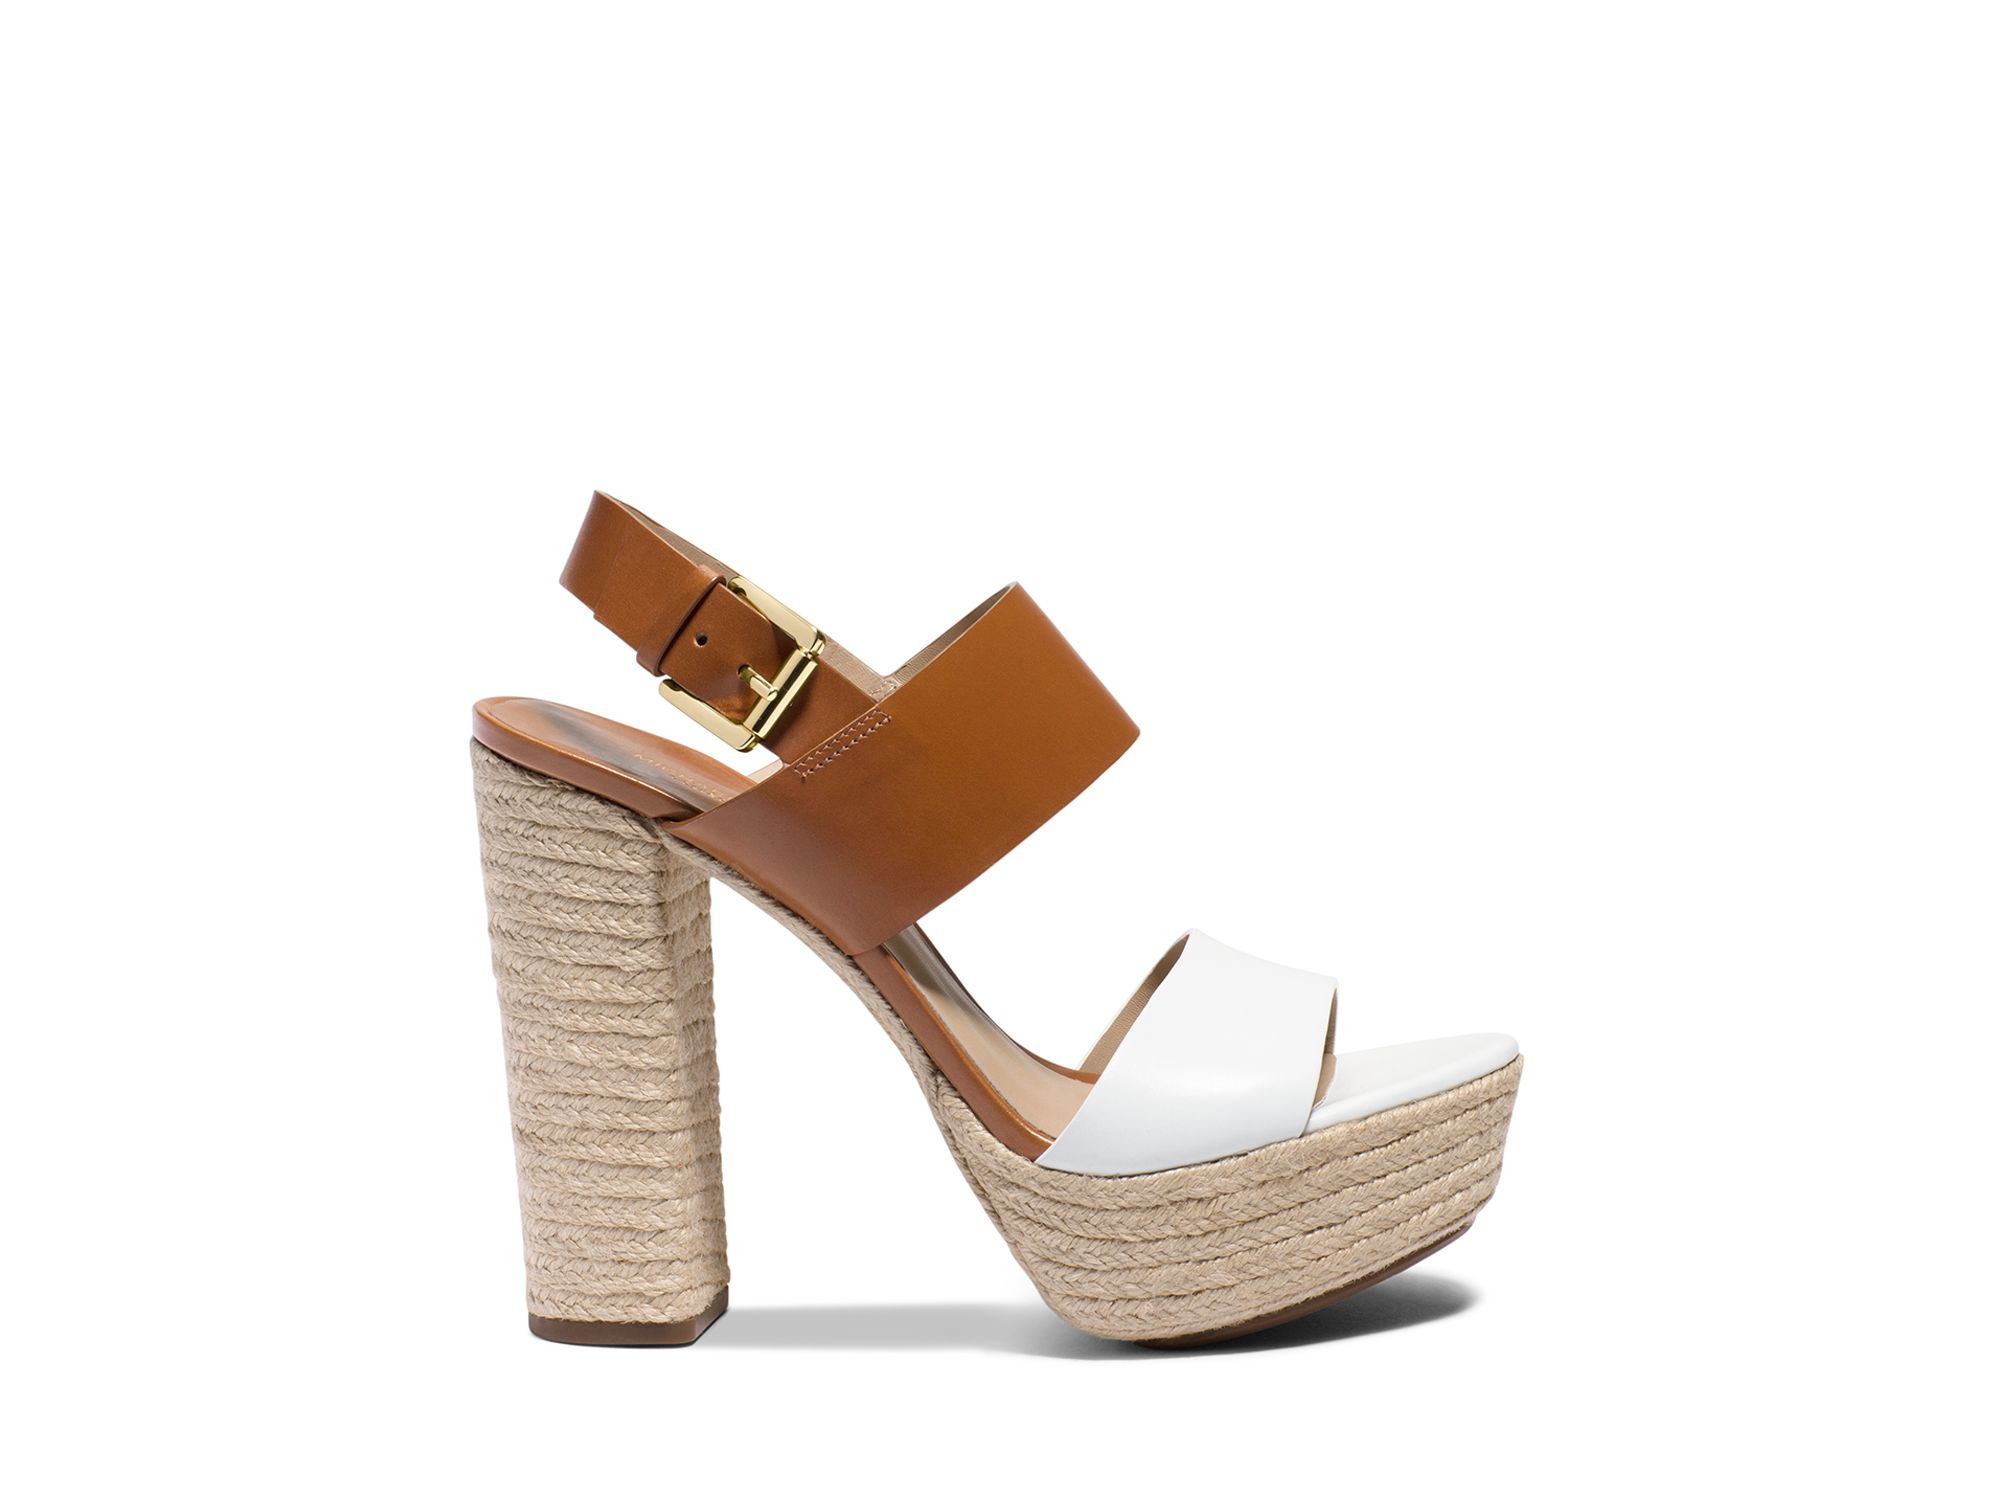 ca18e190e7d9 Lyst - Michael Kors Espadrille Platform Sandals - Summer High Heel ...